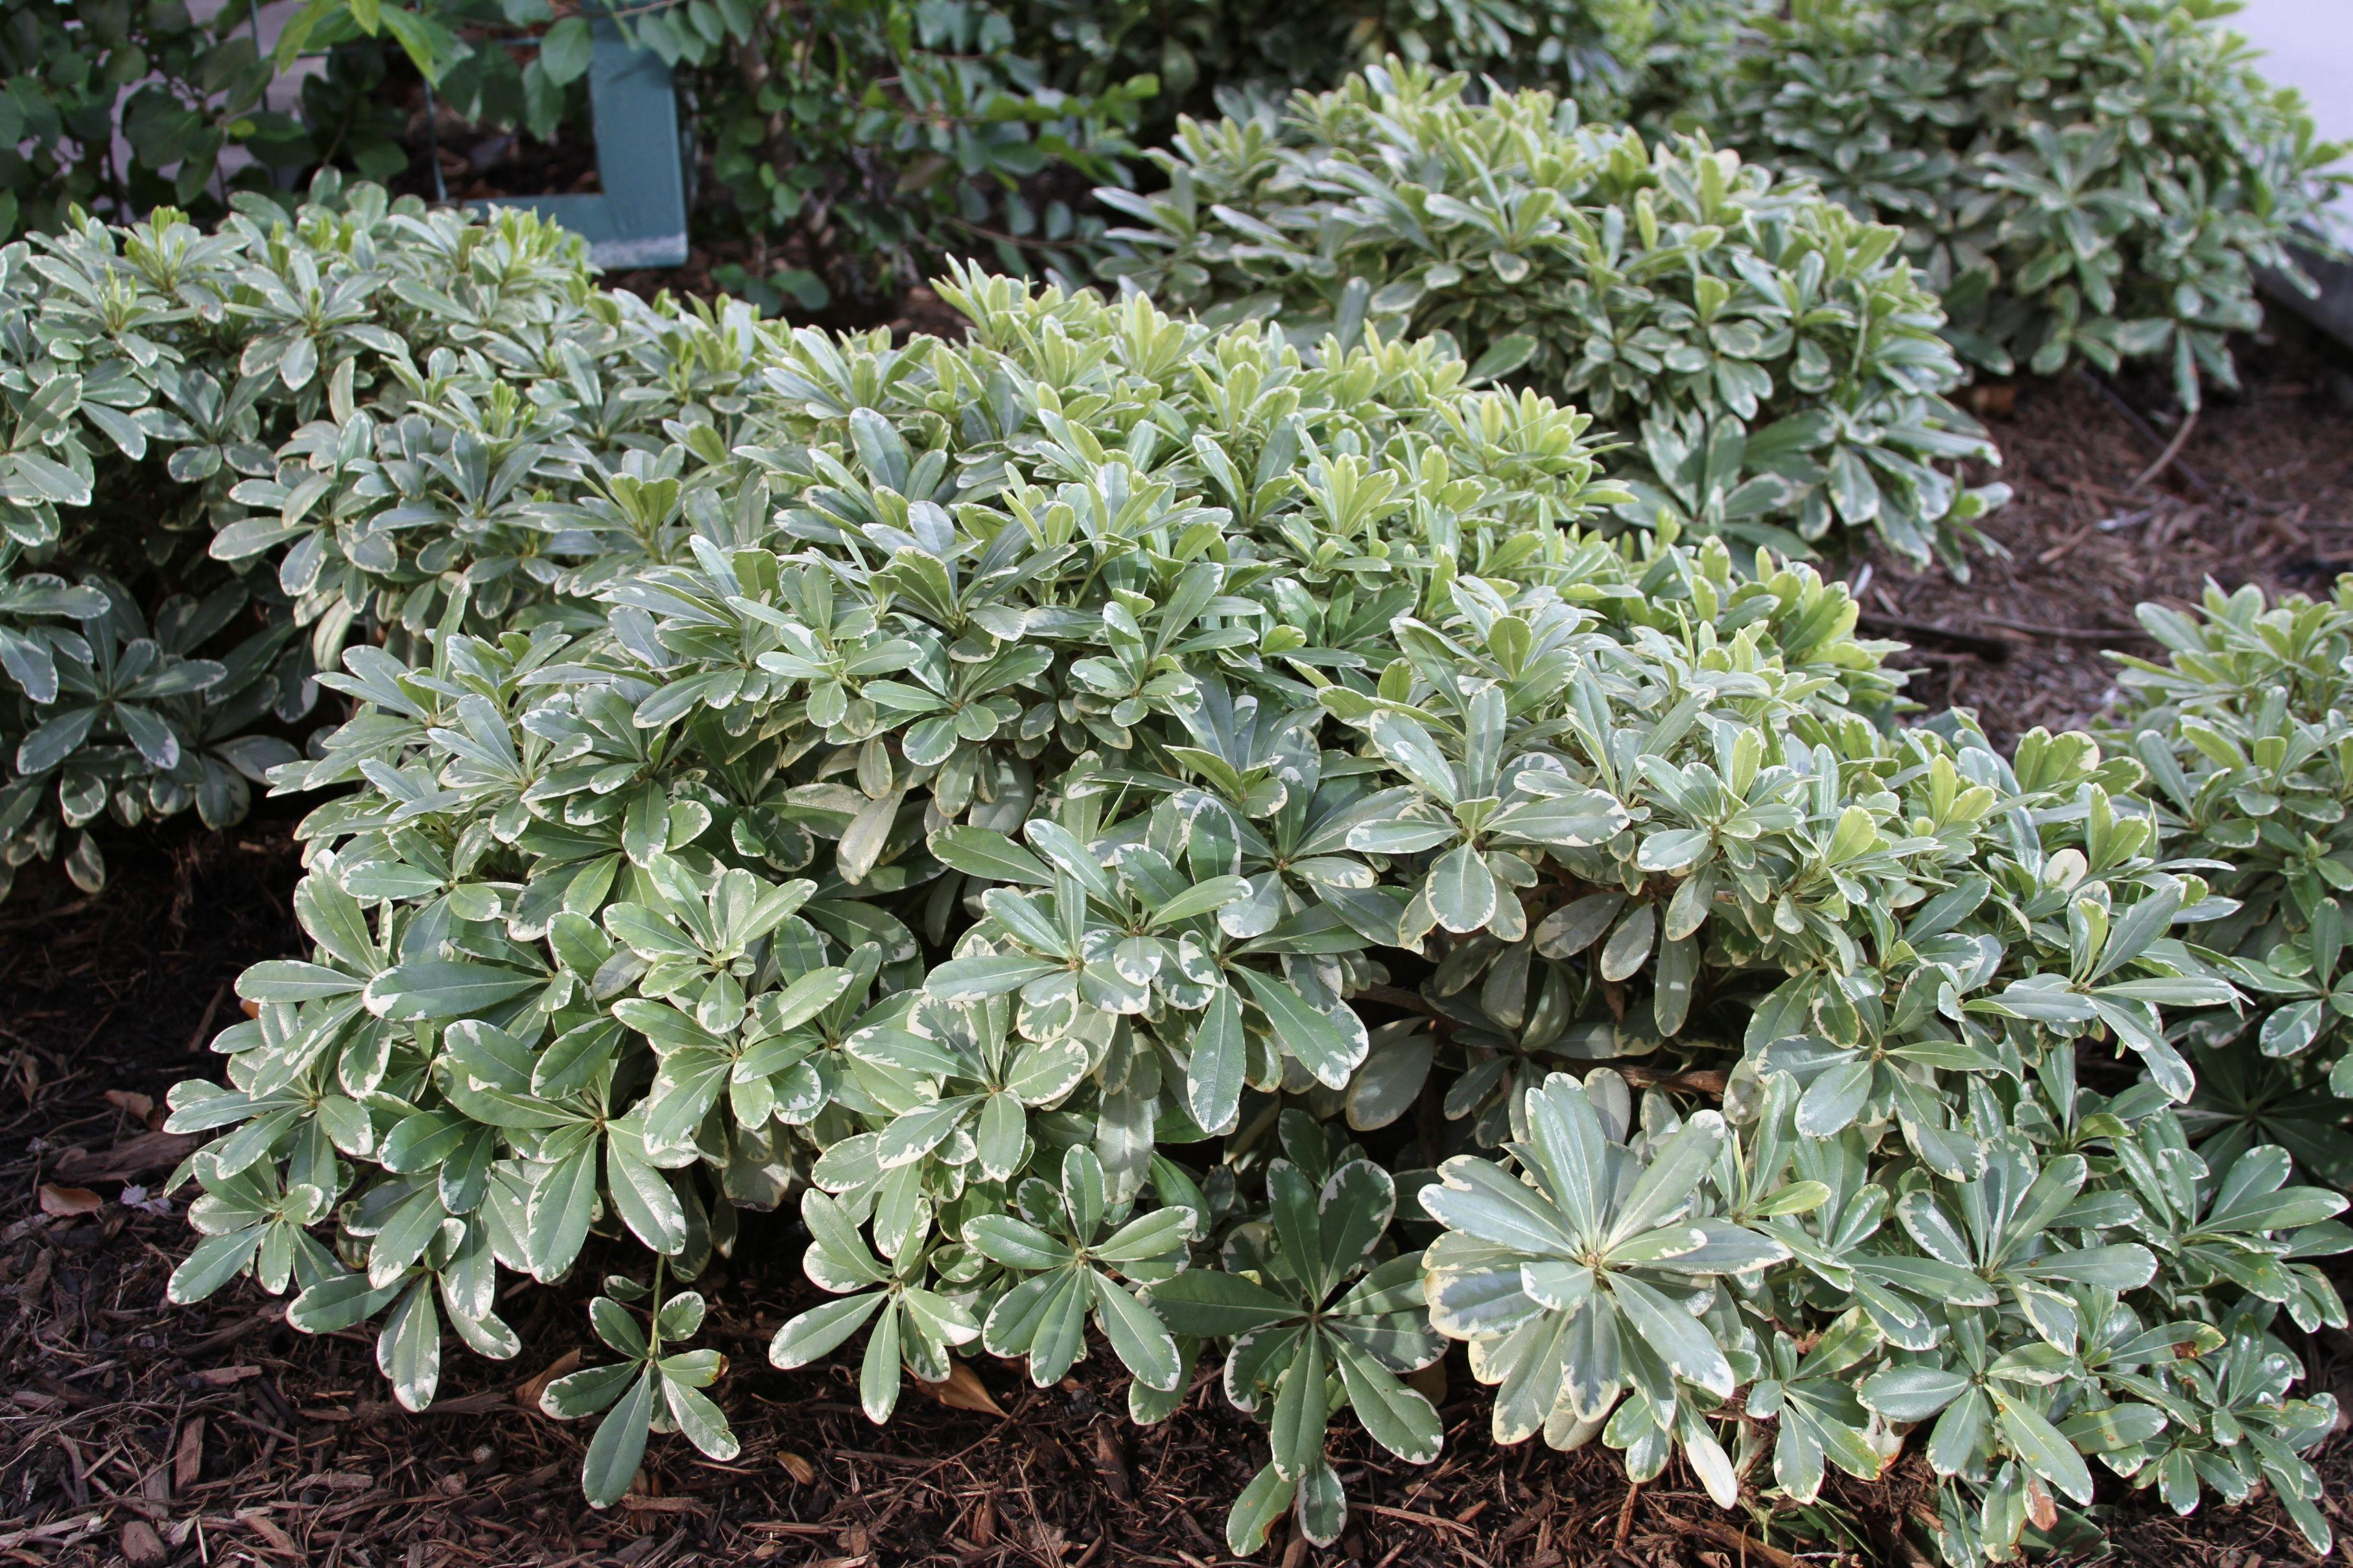 Plant De Menthe En Pot pittosporum tobira 'cream de mint' dwarf mock orange